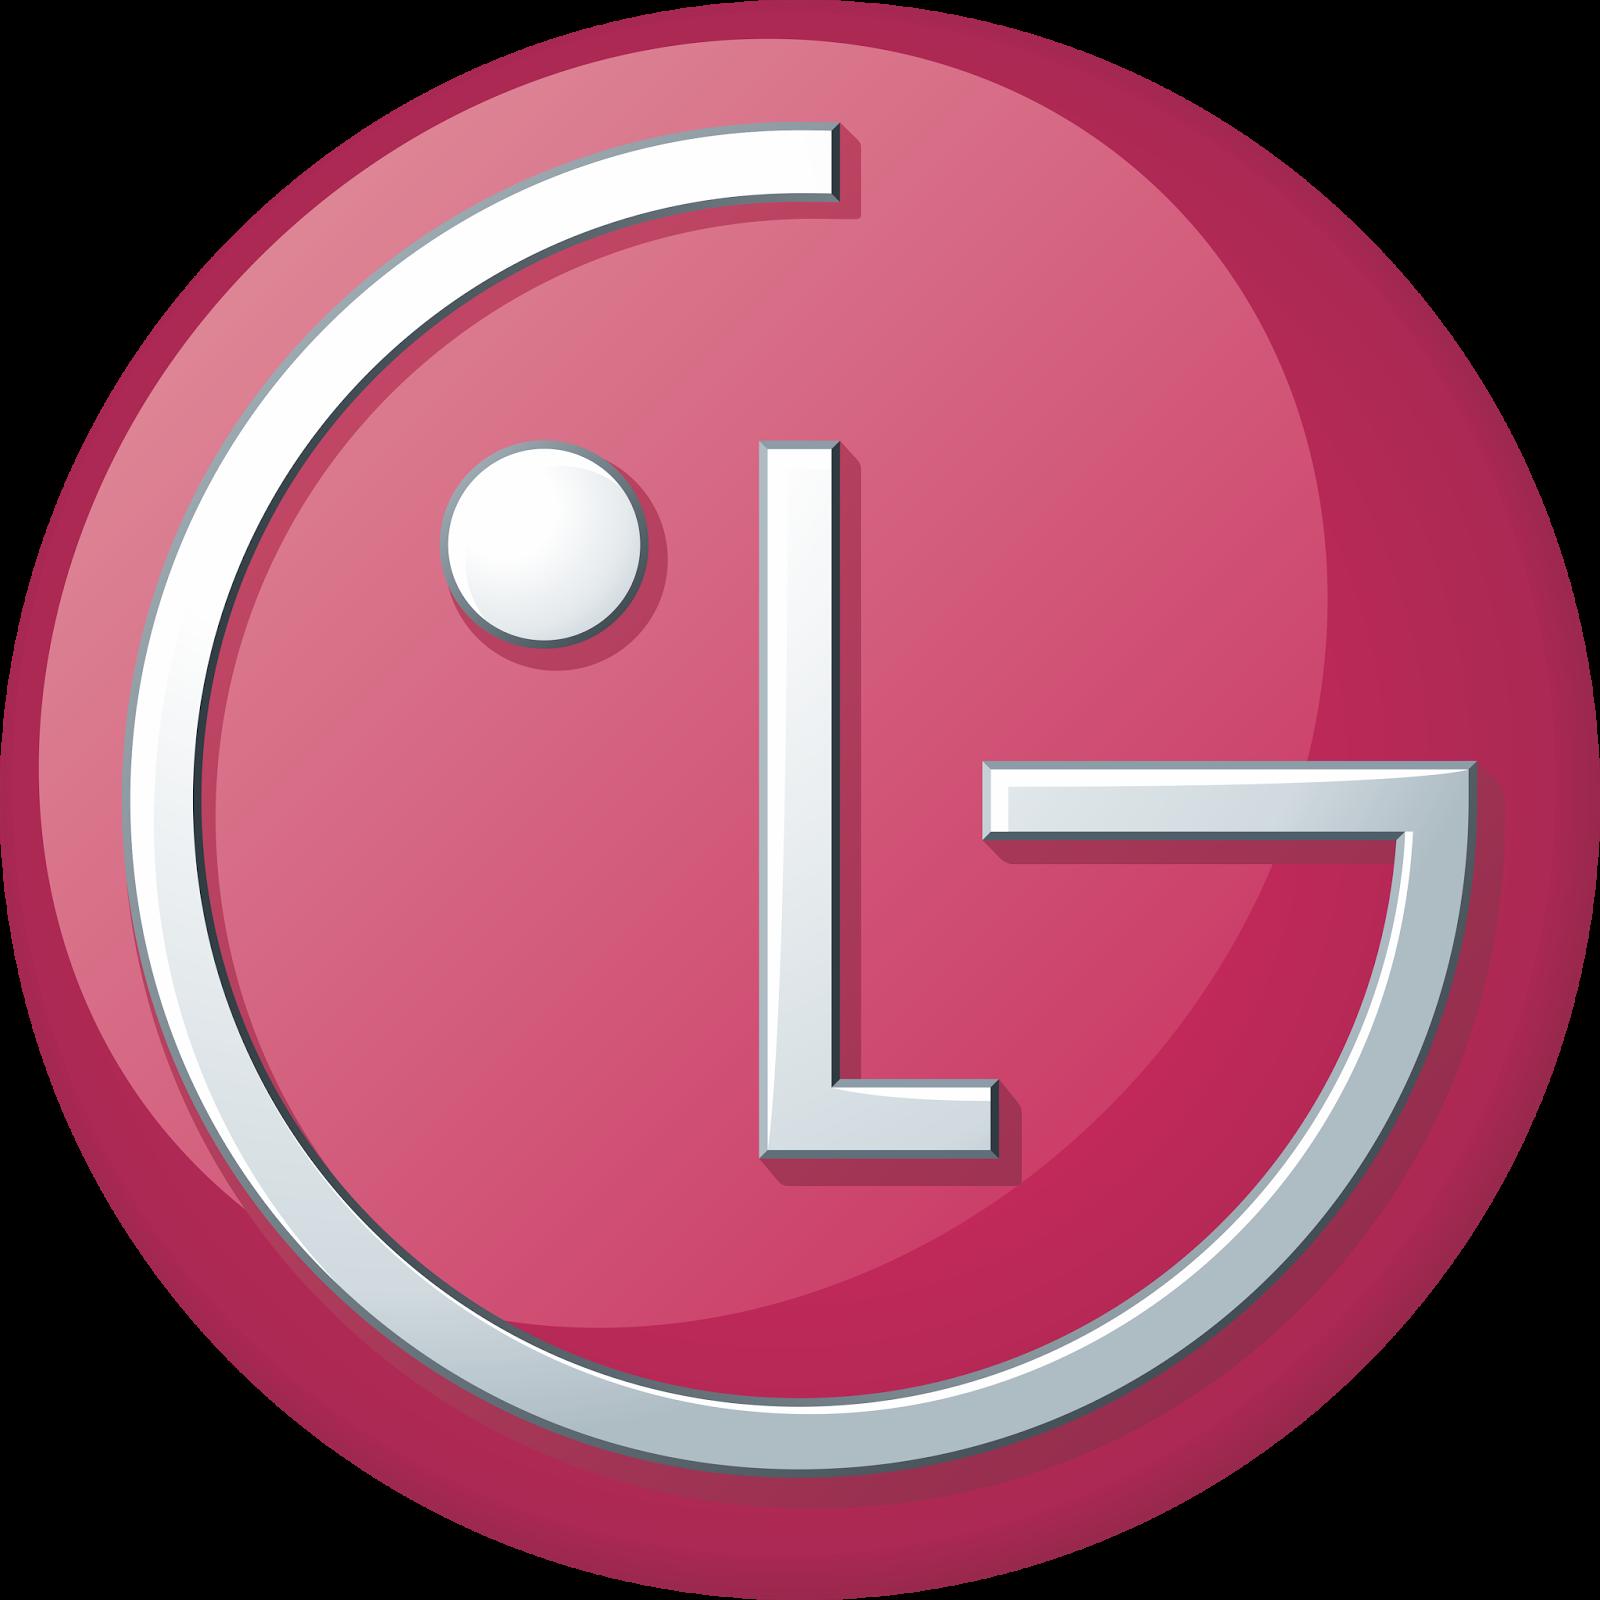 LG Logo PNG Free Download LG Brands Logo Emblem.